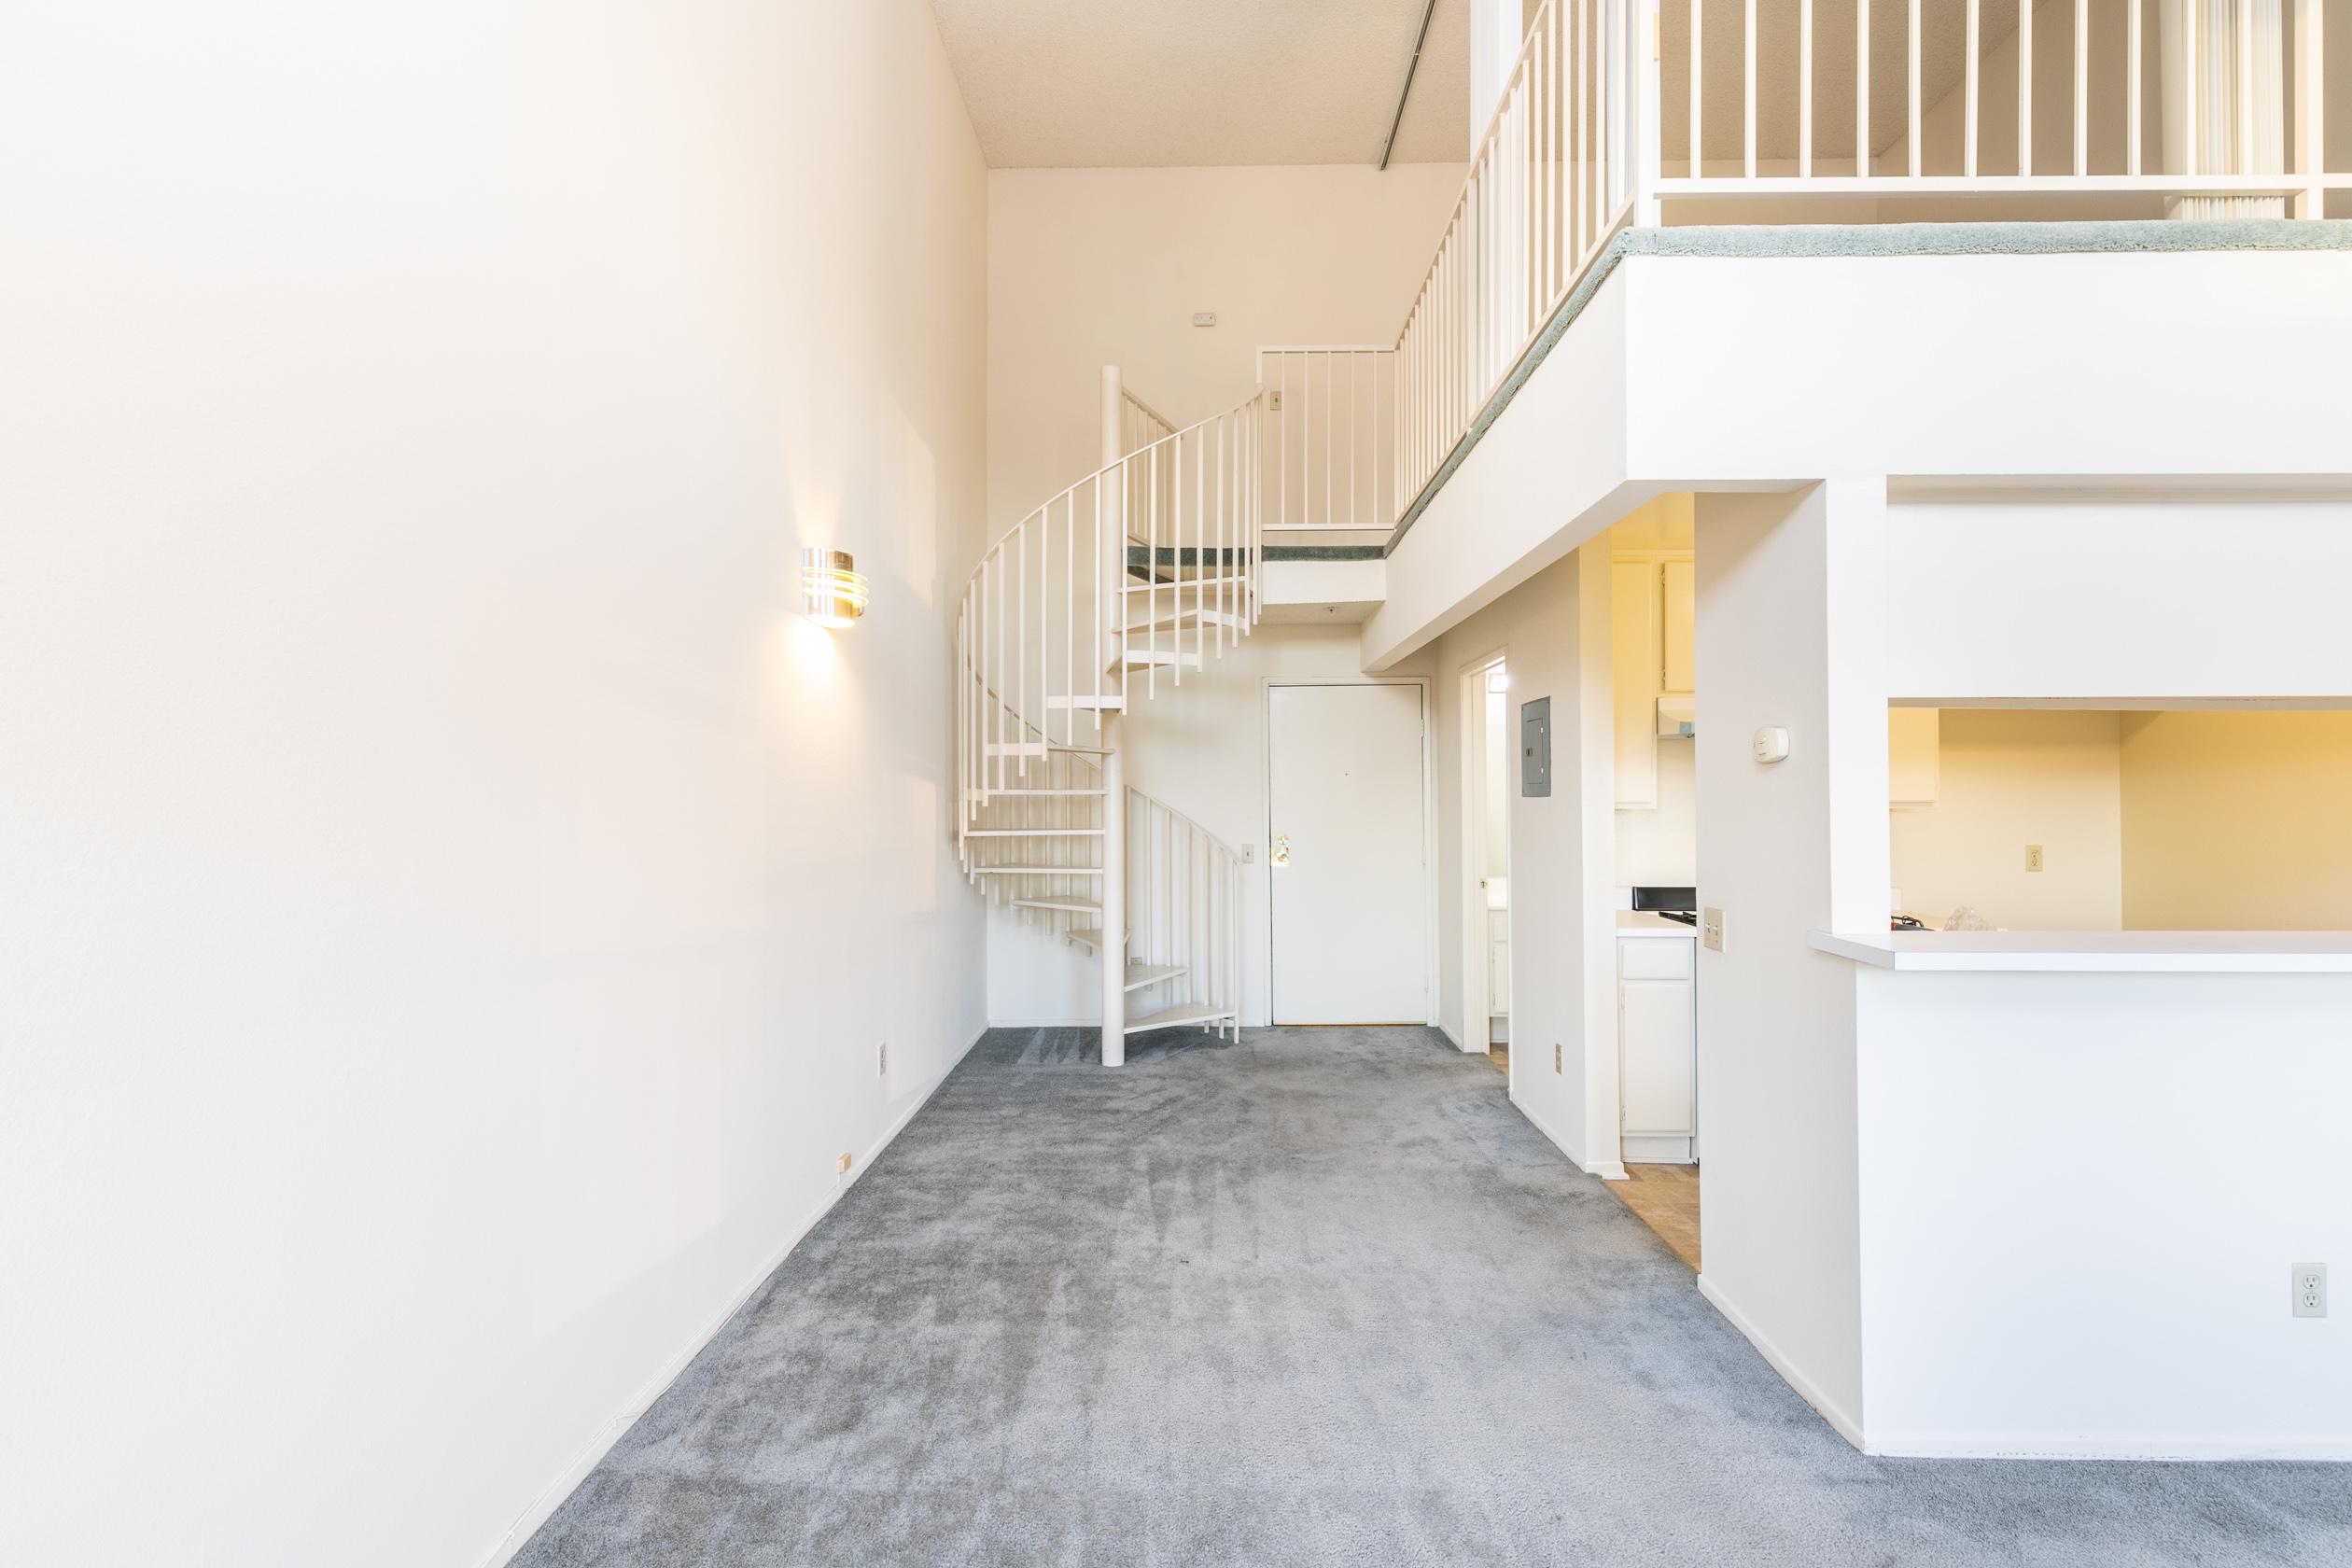 Loft Living! | Atrium Ceilings + Large Windows | 1 Parking Spot Included